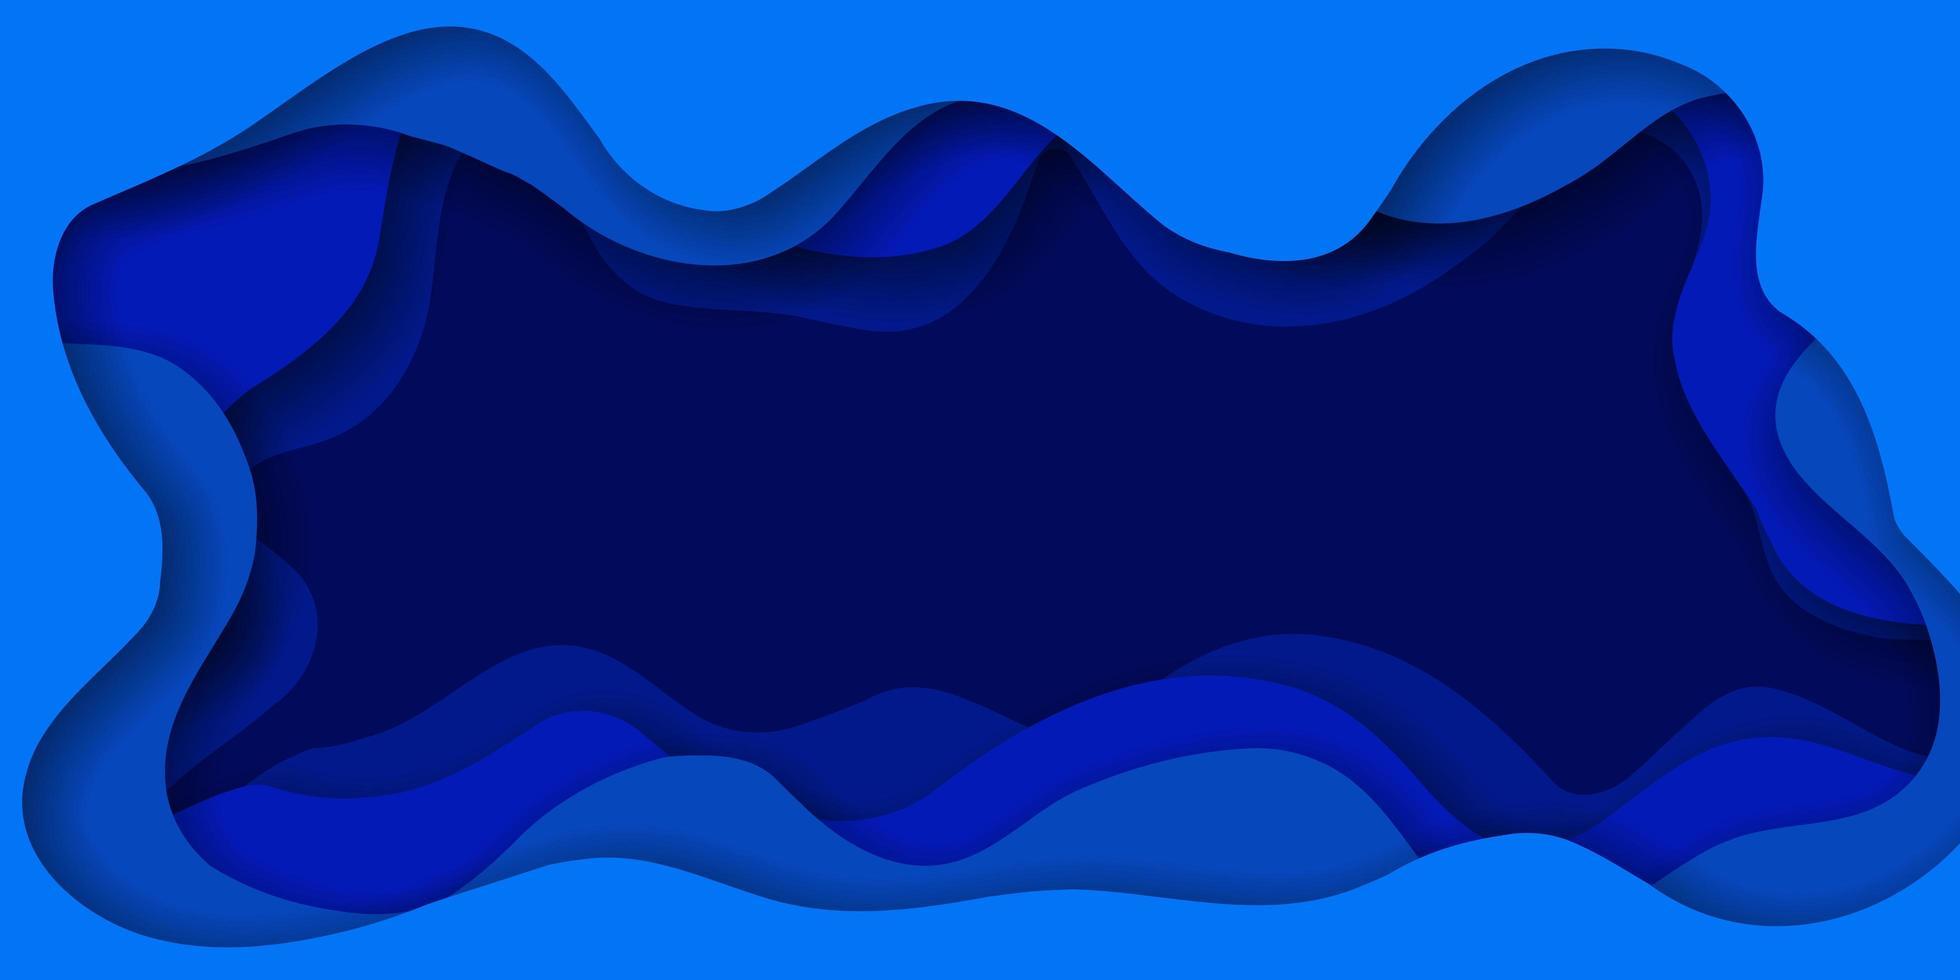 blauer abstrakter Papierschnitt-Effekthintergrund vektor